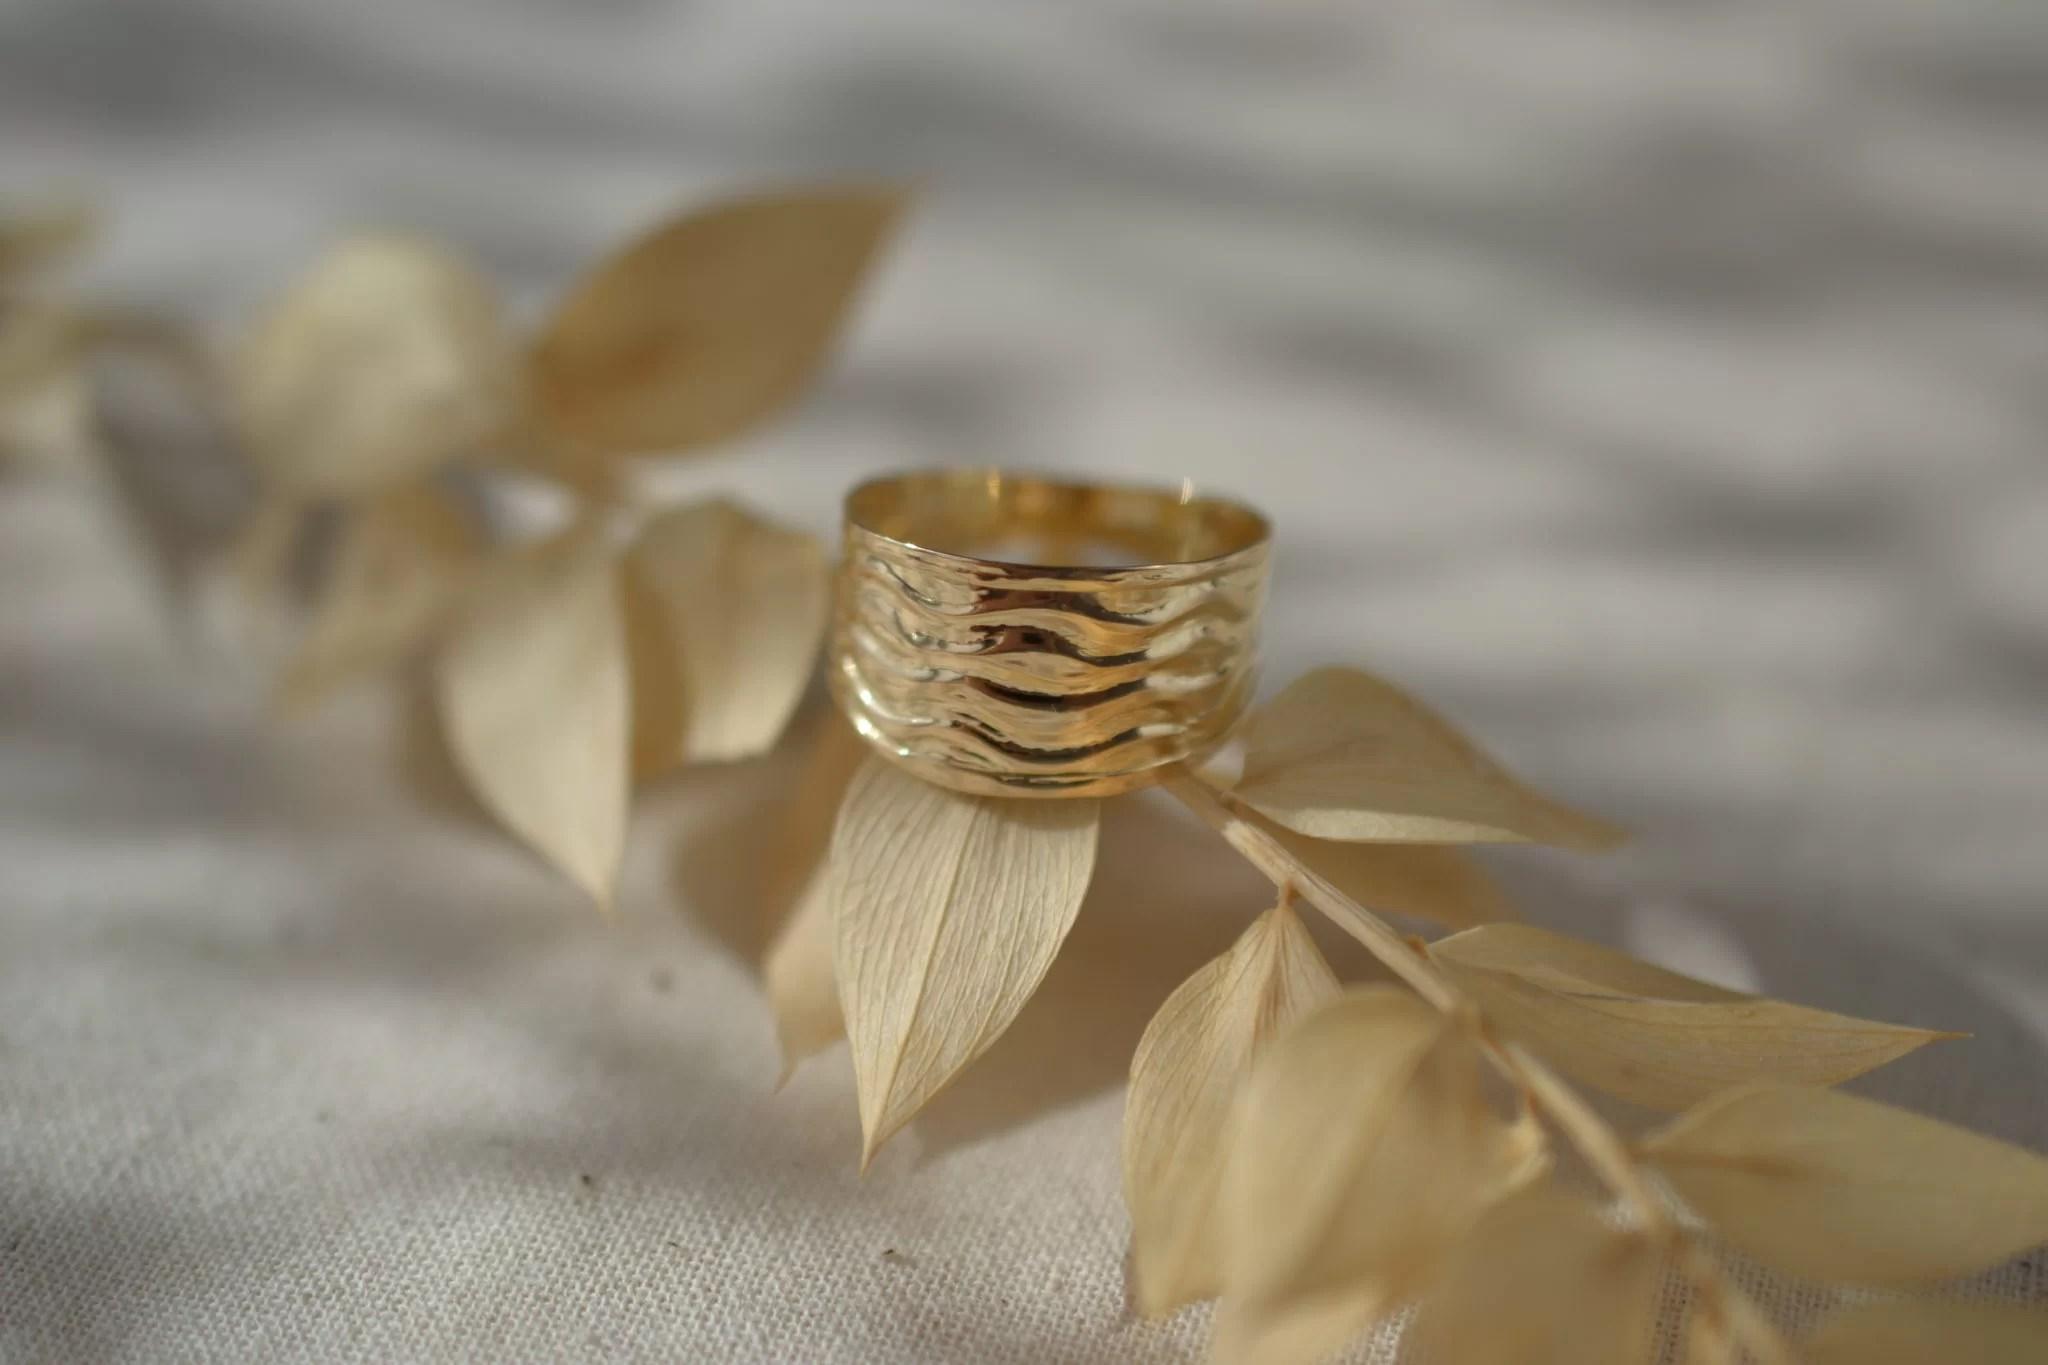 Bague simple et minimaliste en Or jaune, détails ondulés - bague de seconde main